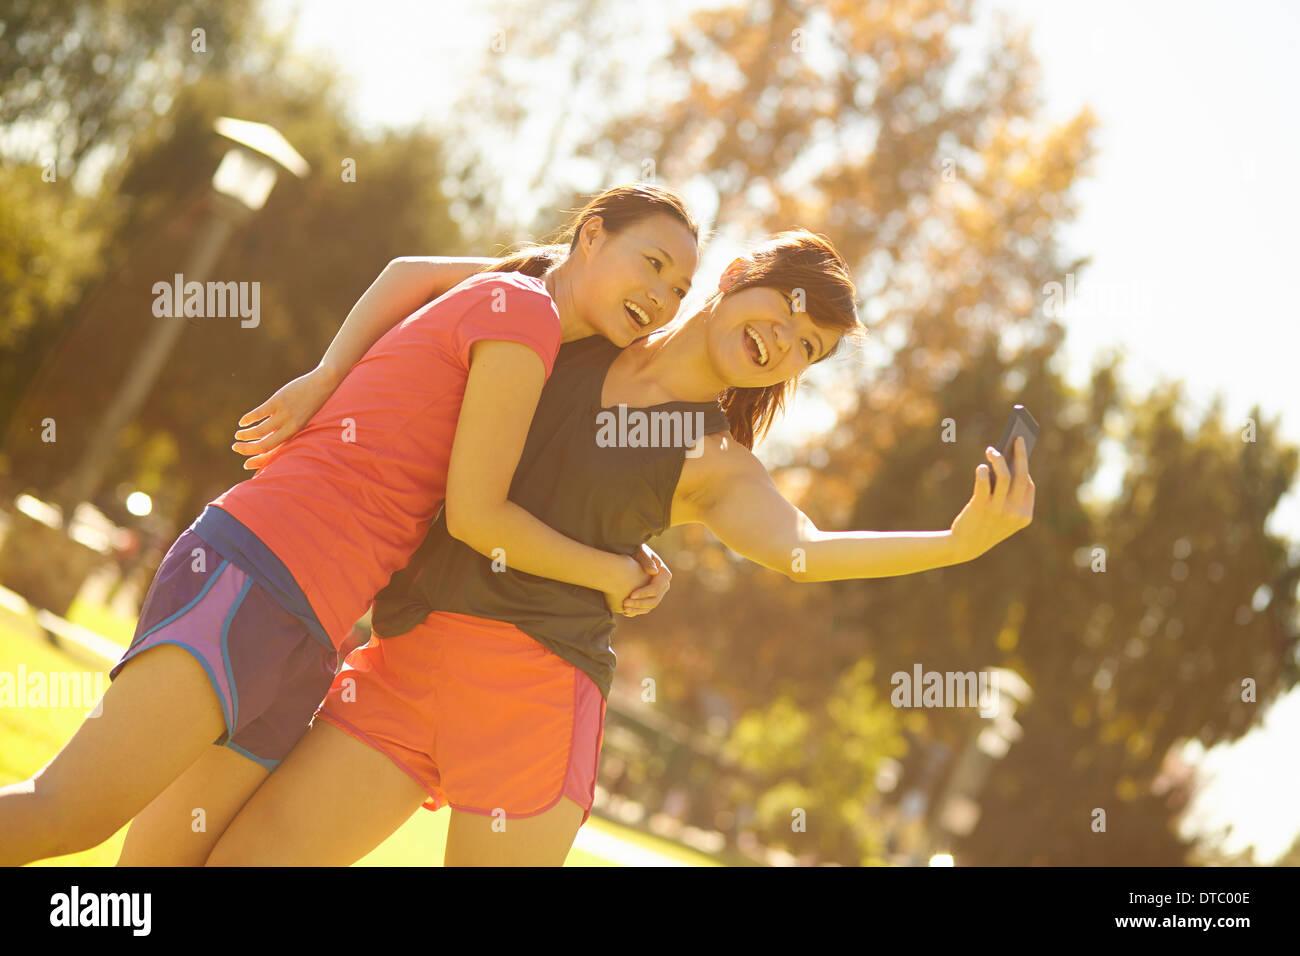 Zwei junge Frauen, die die Selbstporträt im park Stockfoto